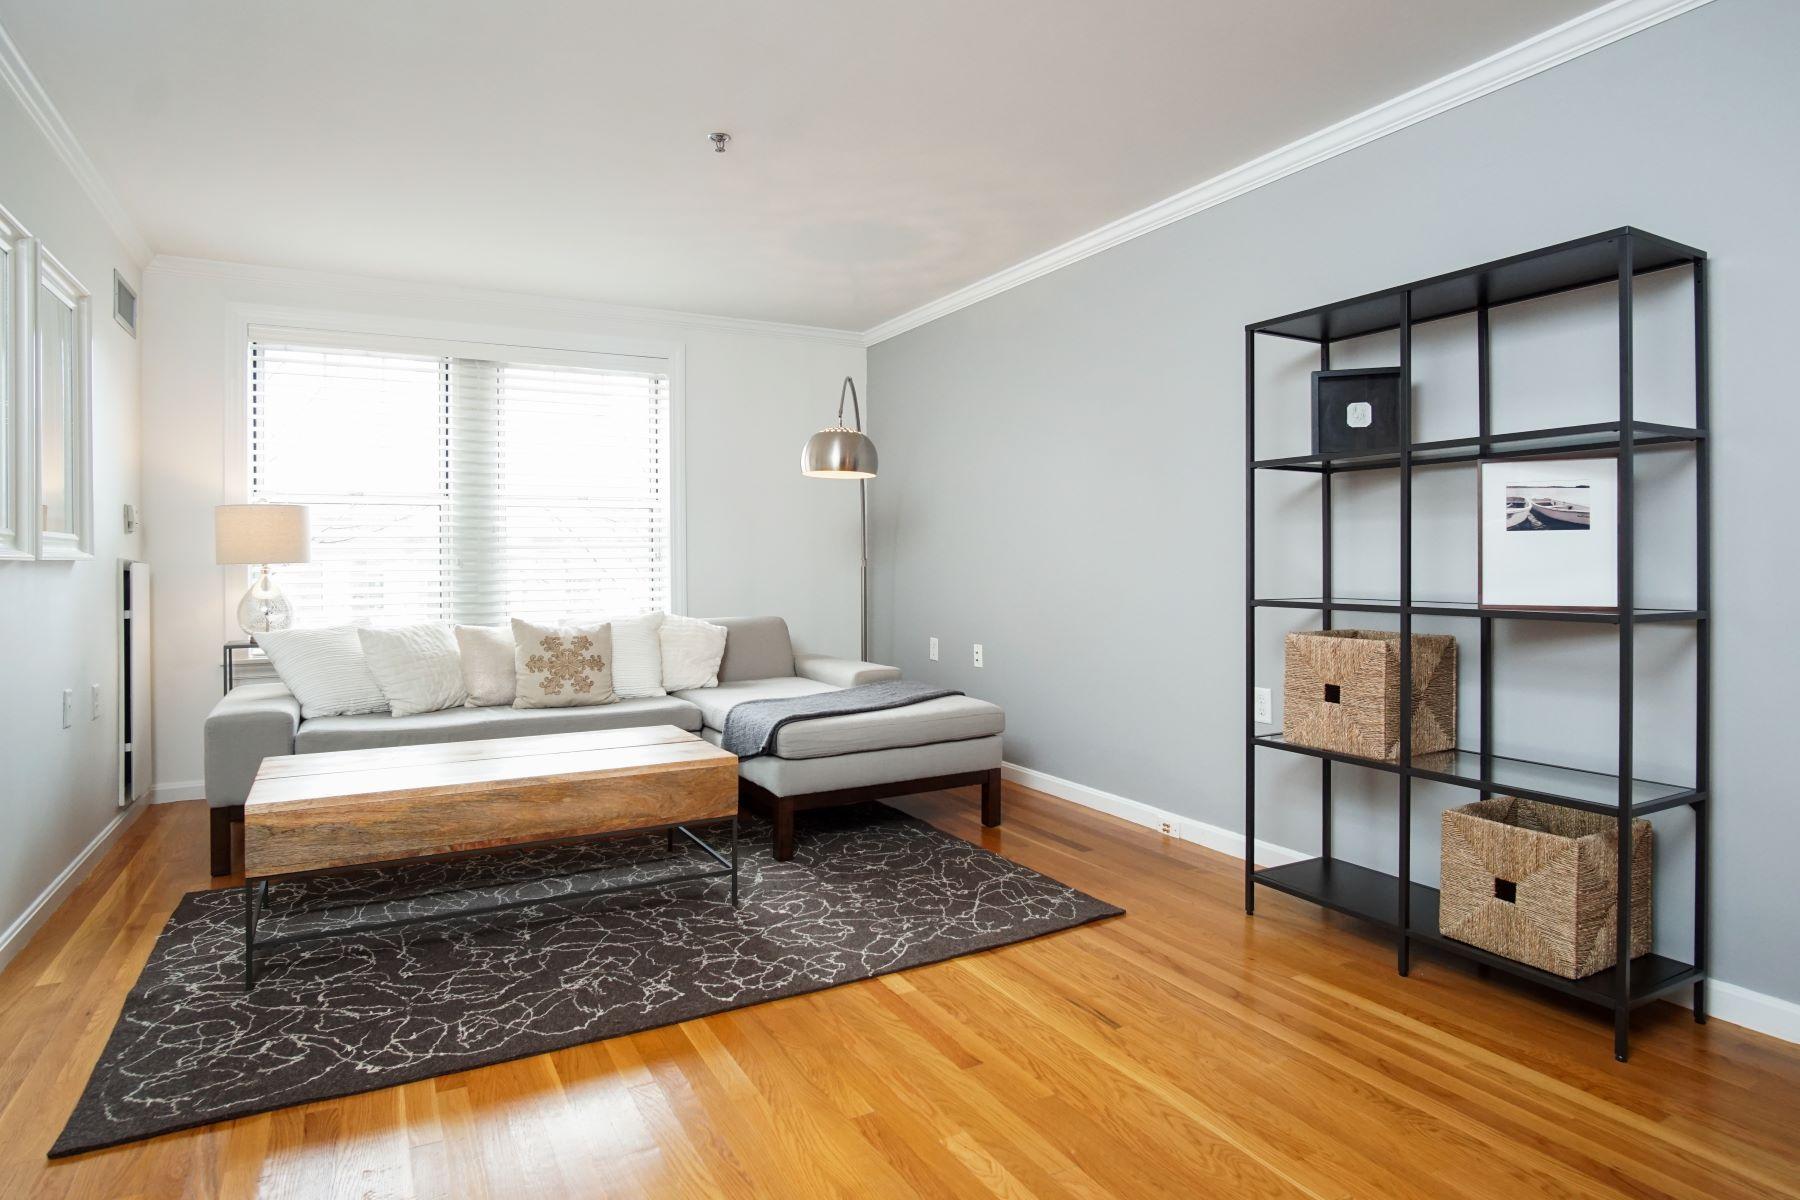 Condominium for Sale at 300 Allston St #111 300 Allston St #111 Boston, Massachusetts 02135 United States